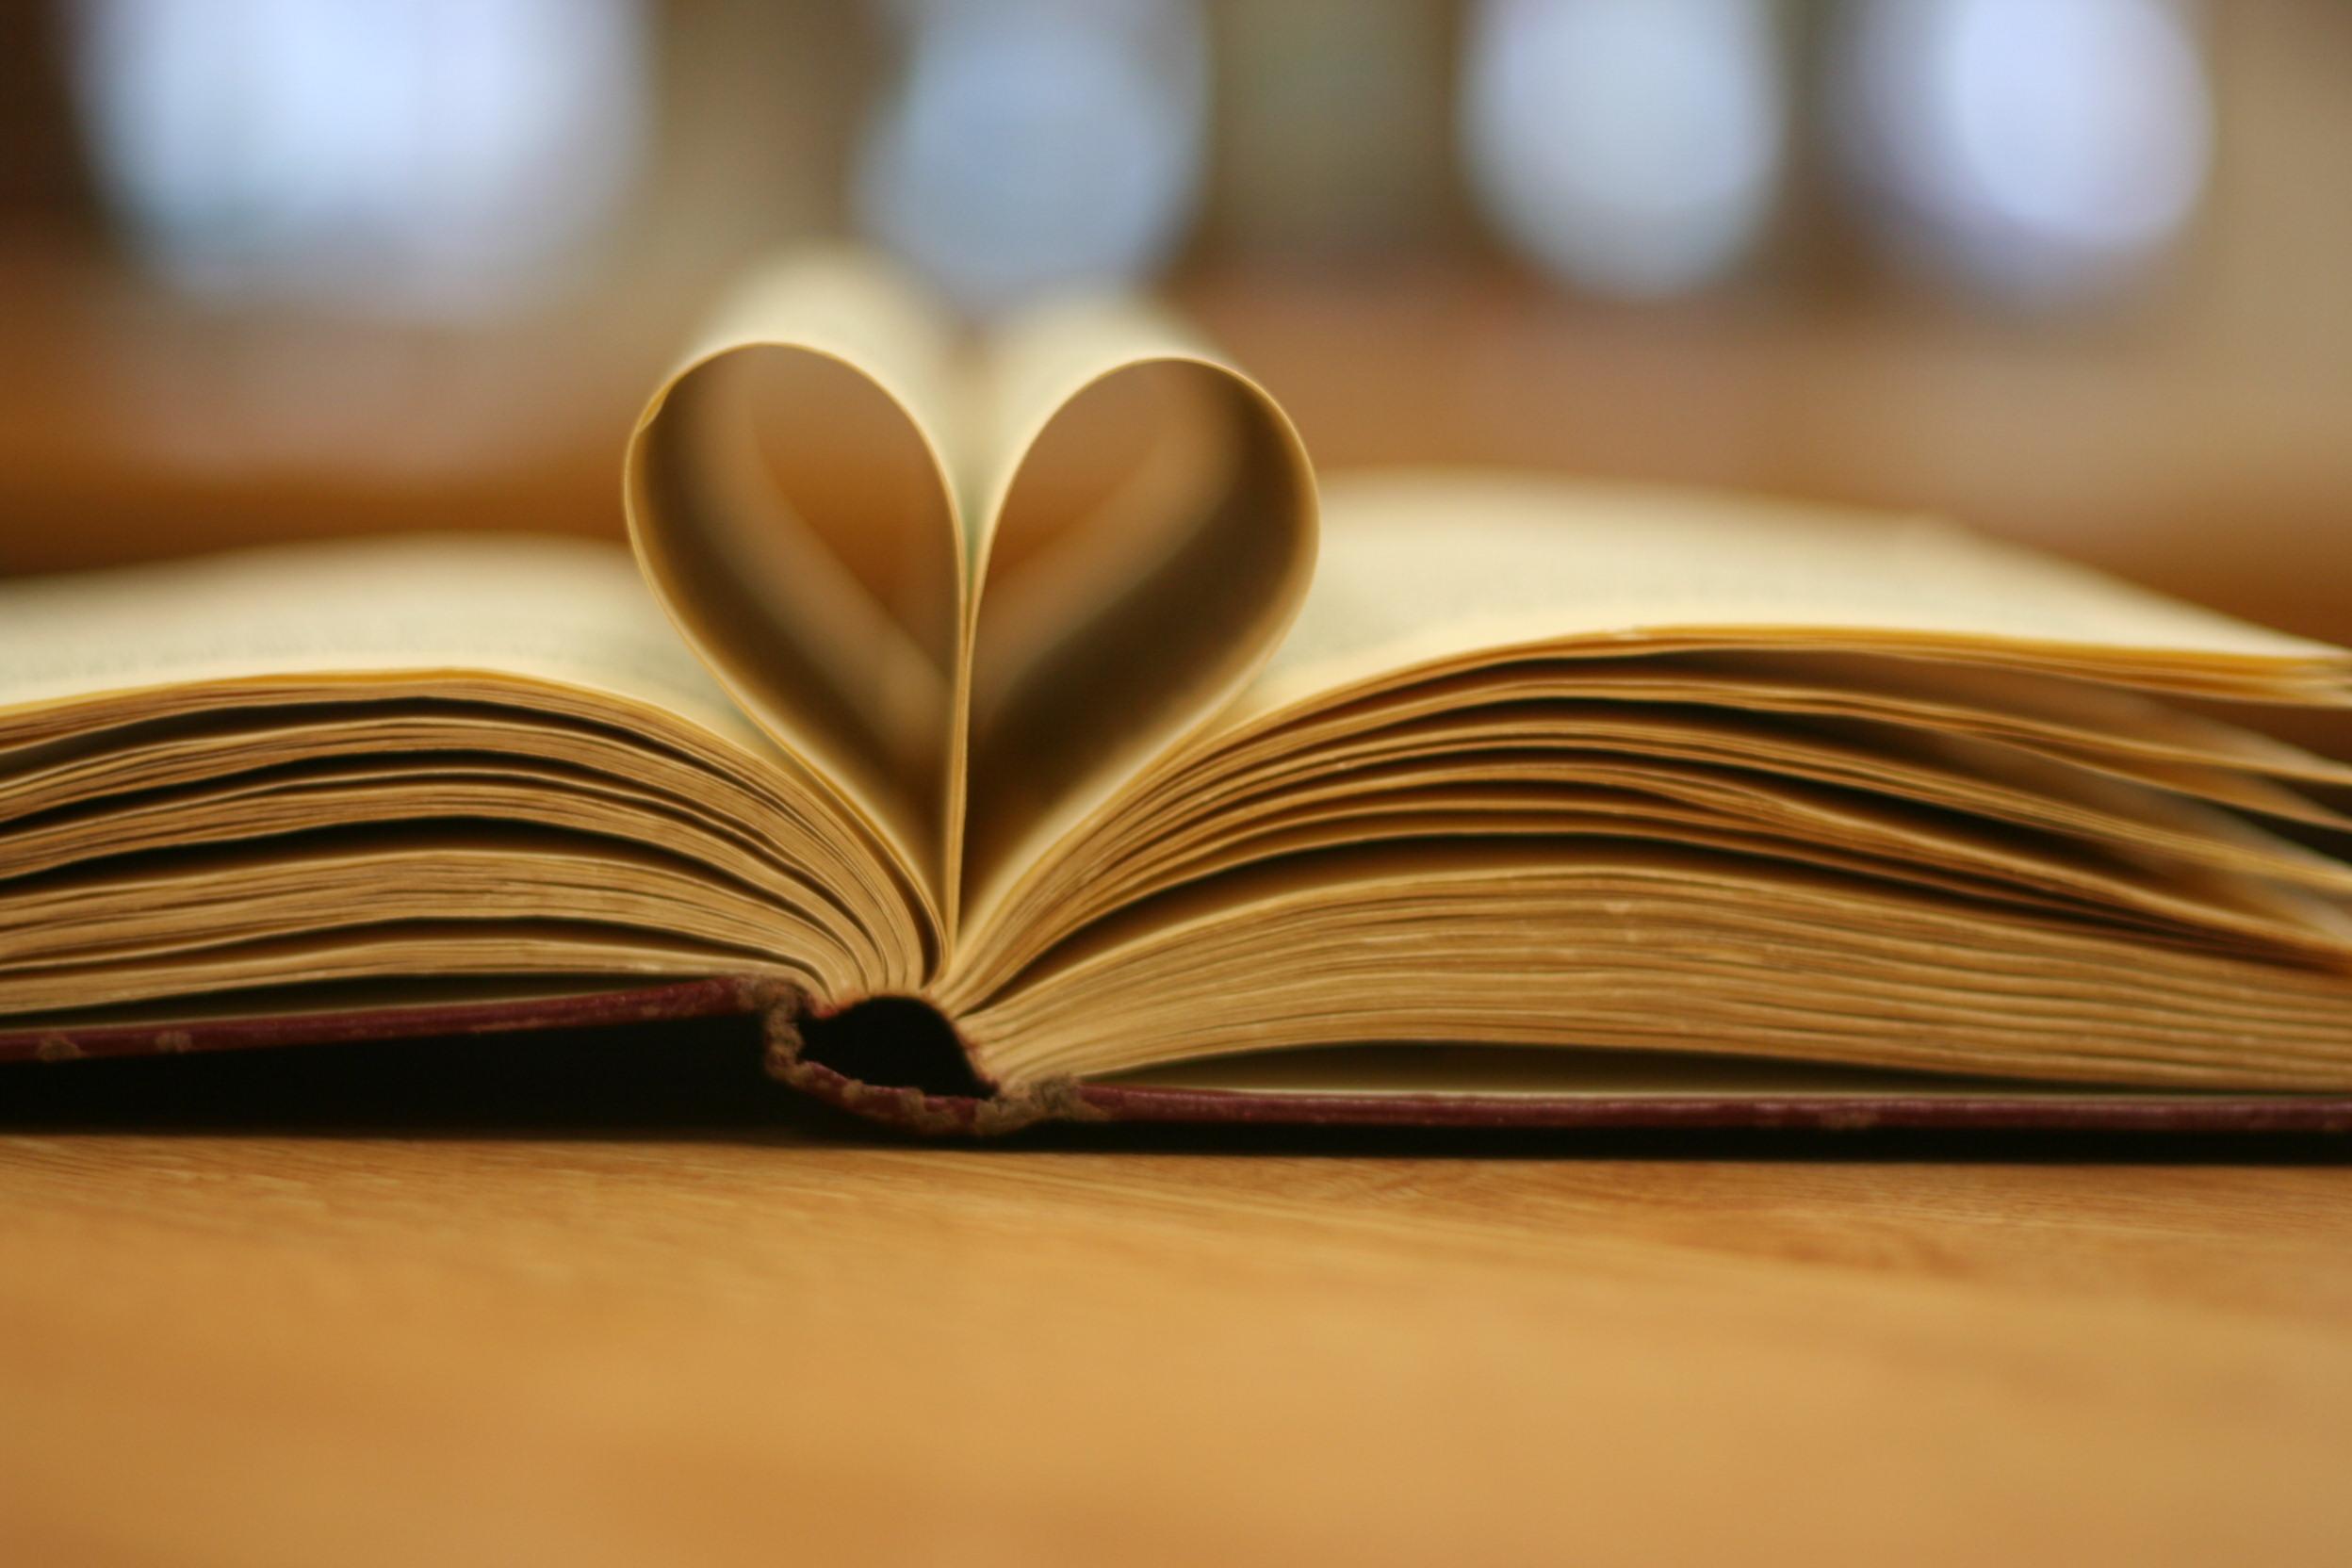 как сэкономить на книгах